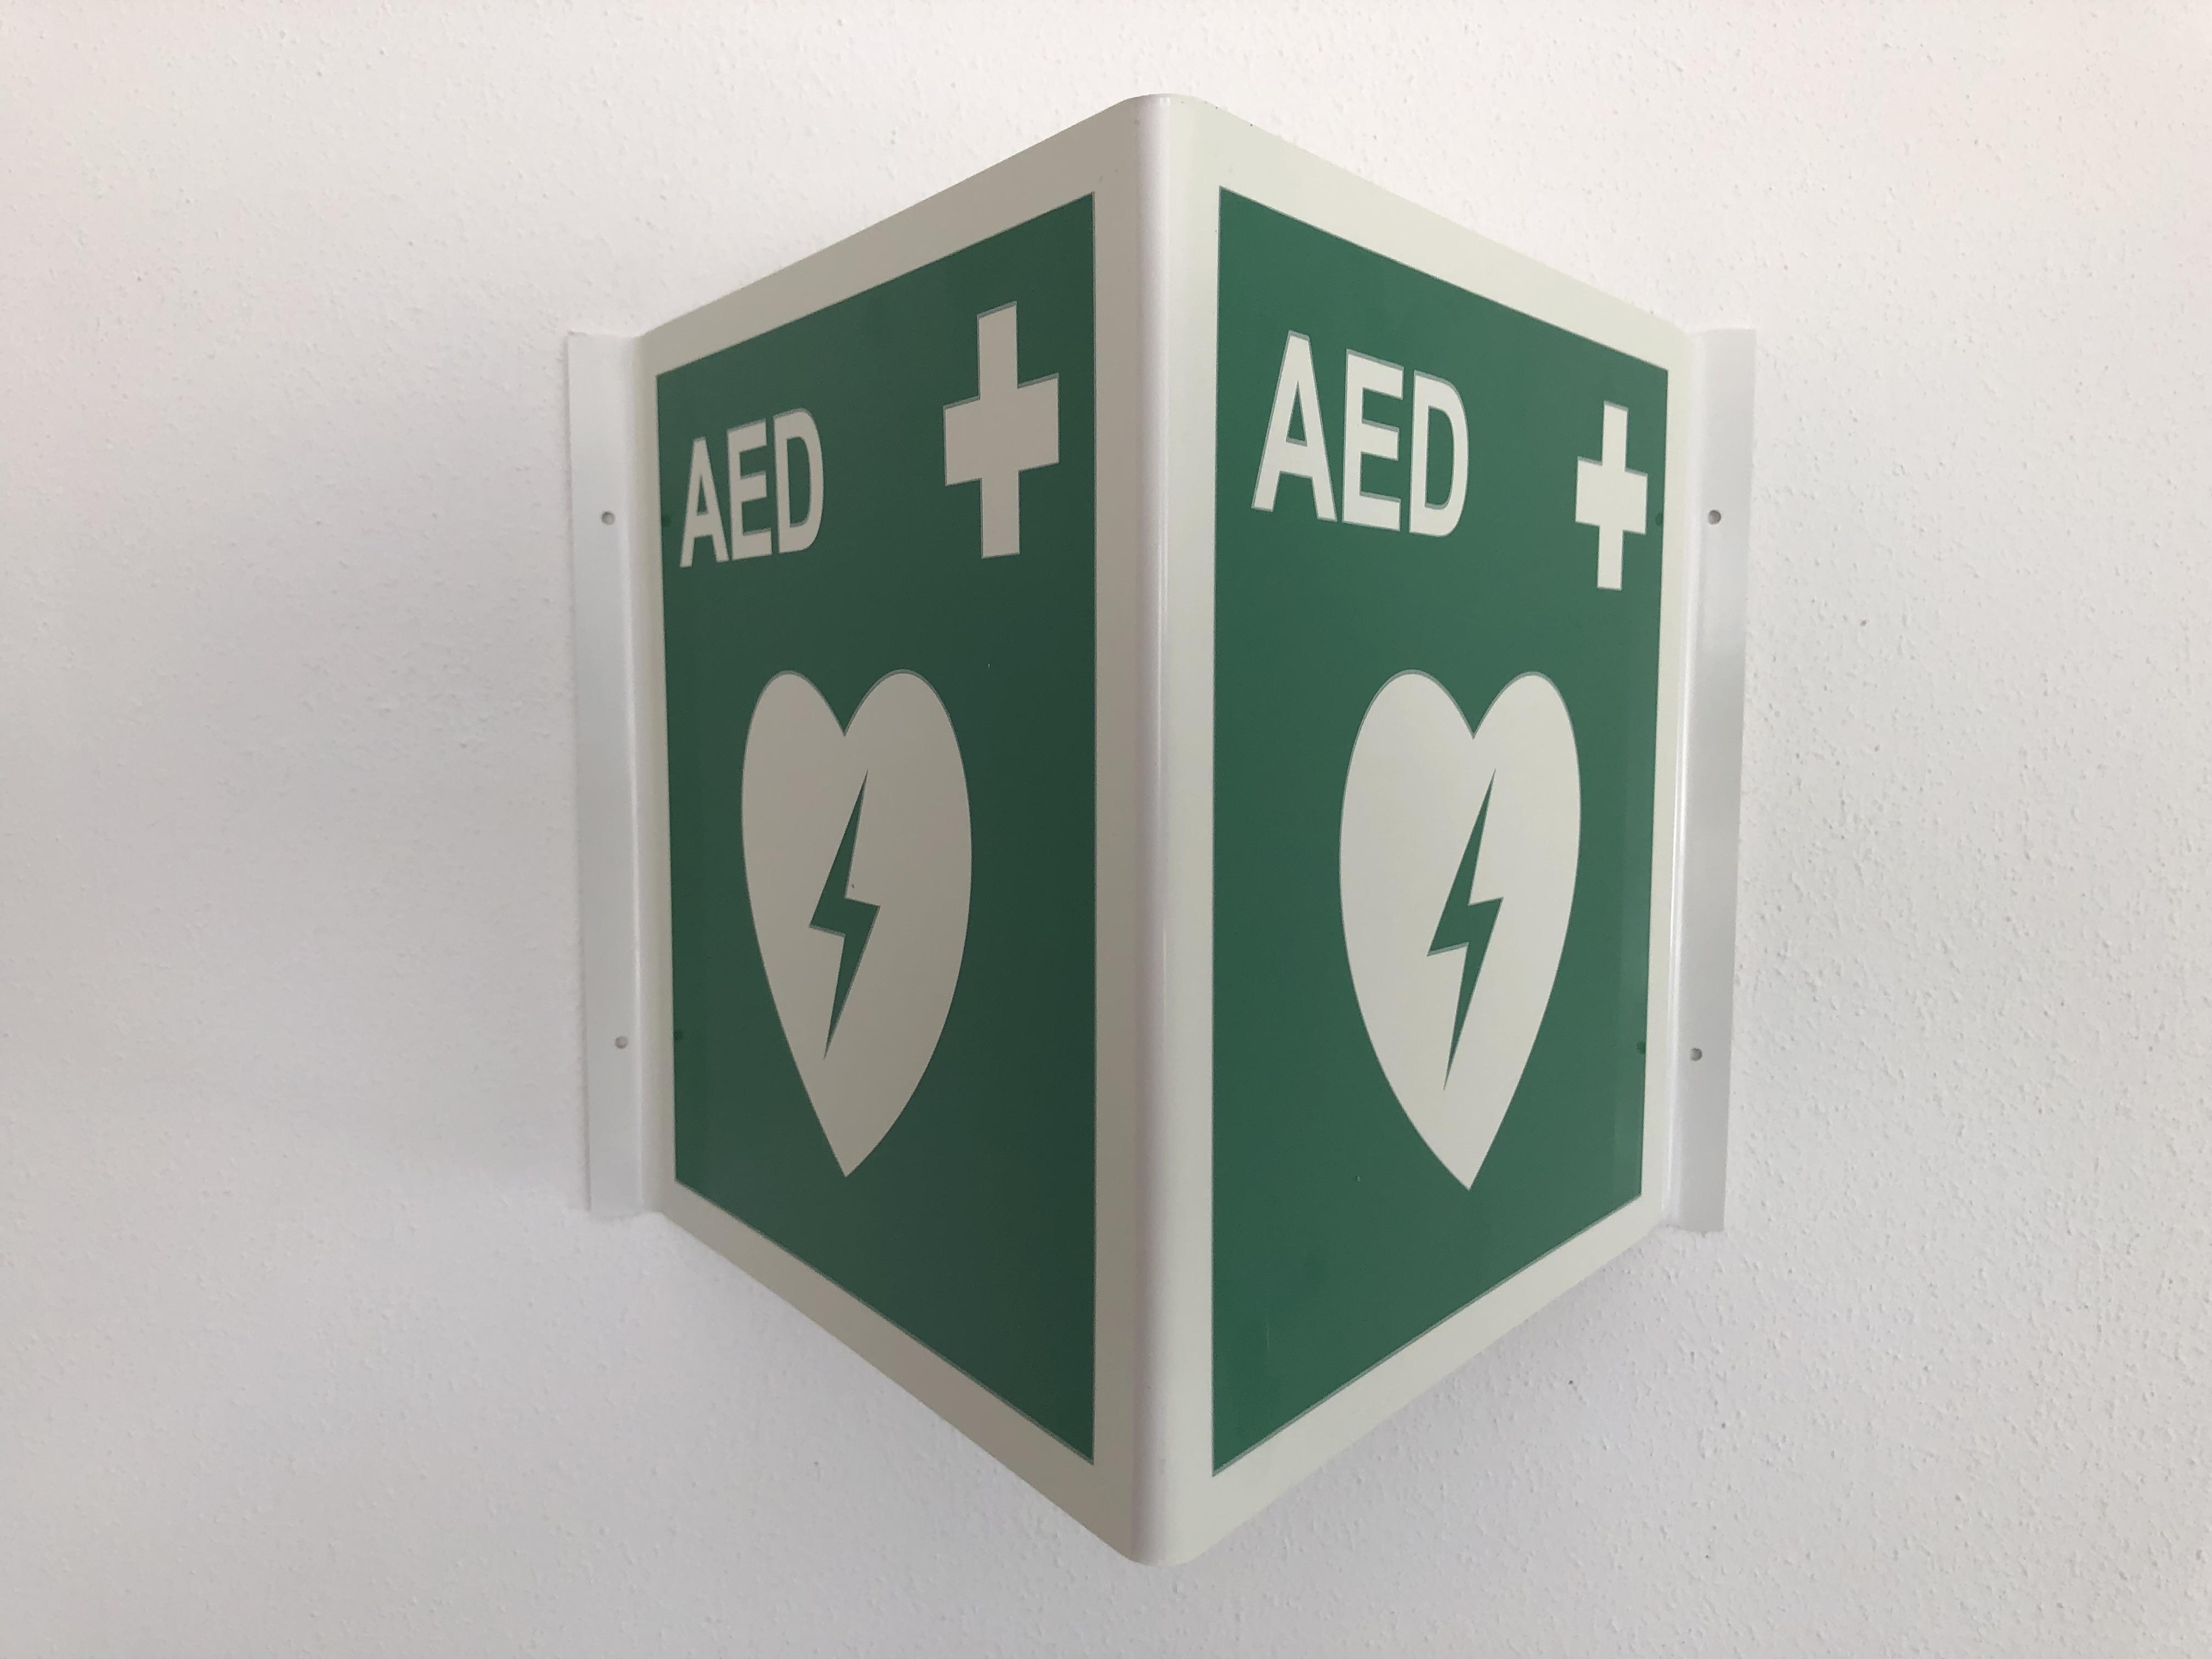 Standortwinkel für AED Defibrillator